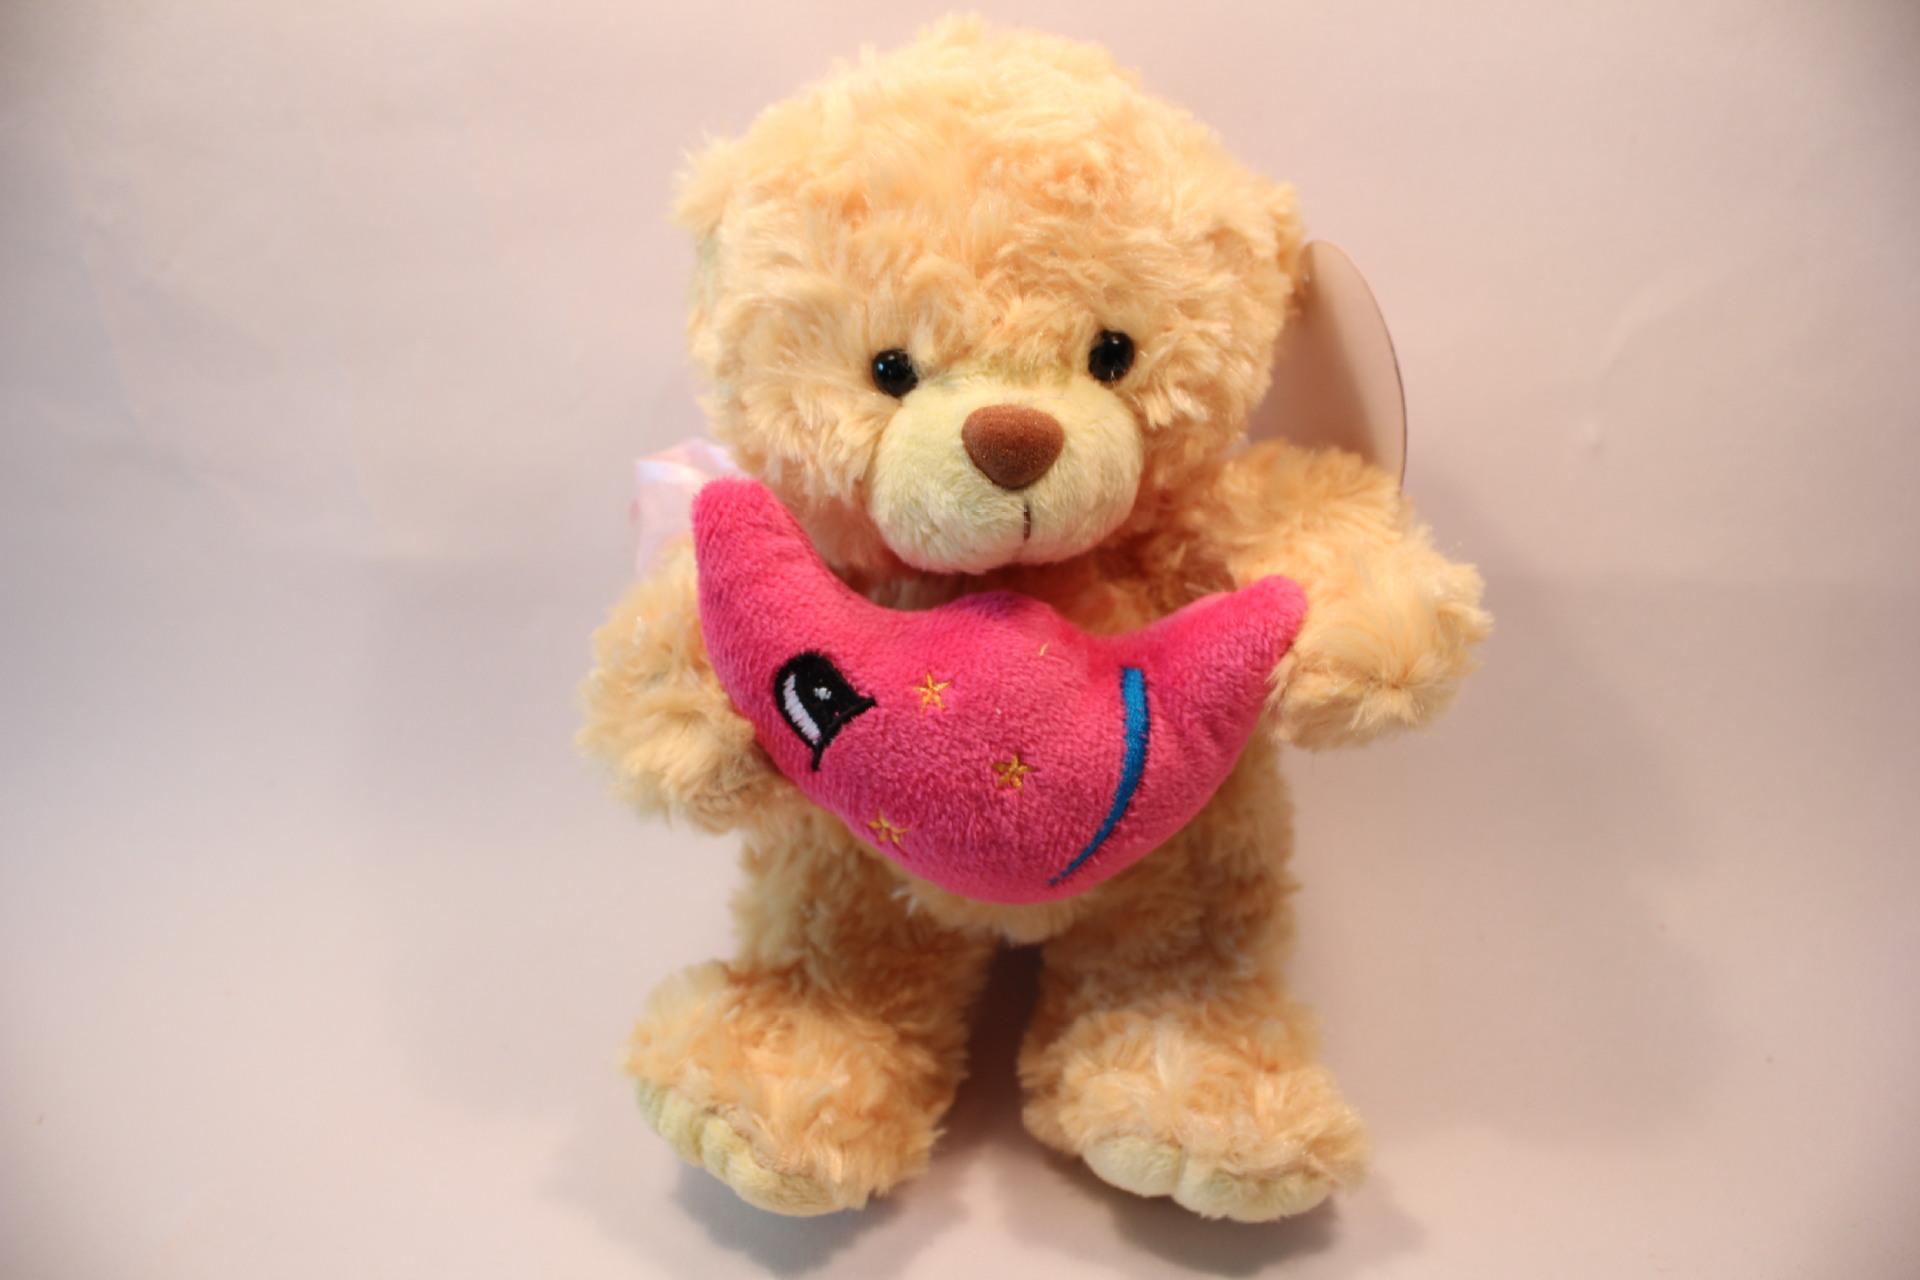 泰迪熊抱月亮玩具录音娃娃录音公仔毛绒玩具特价生日礼物七夕礼物